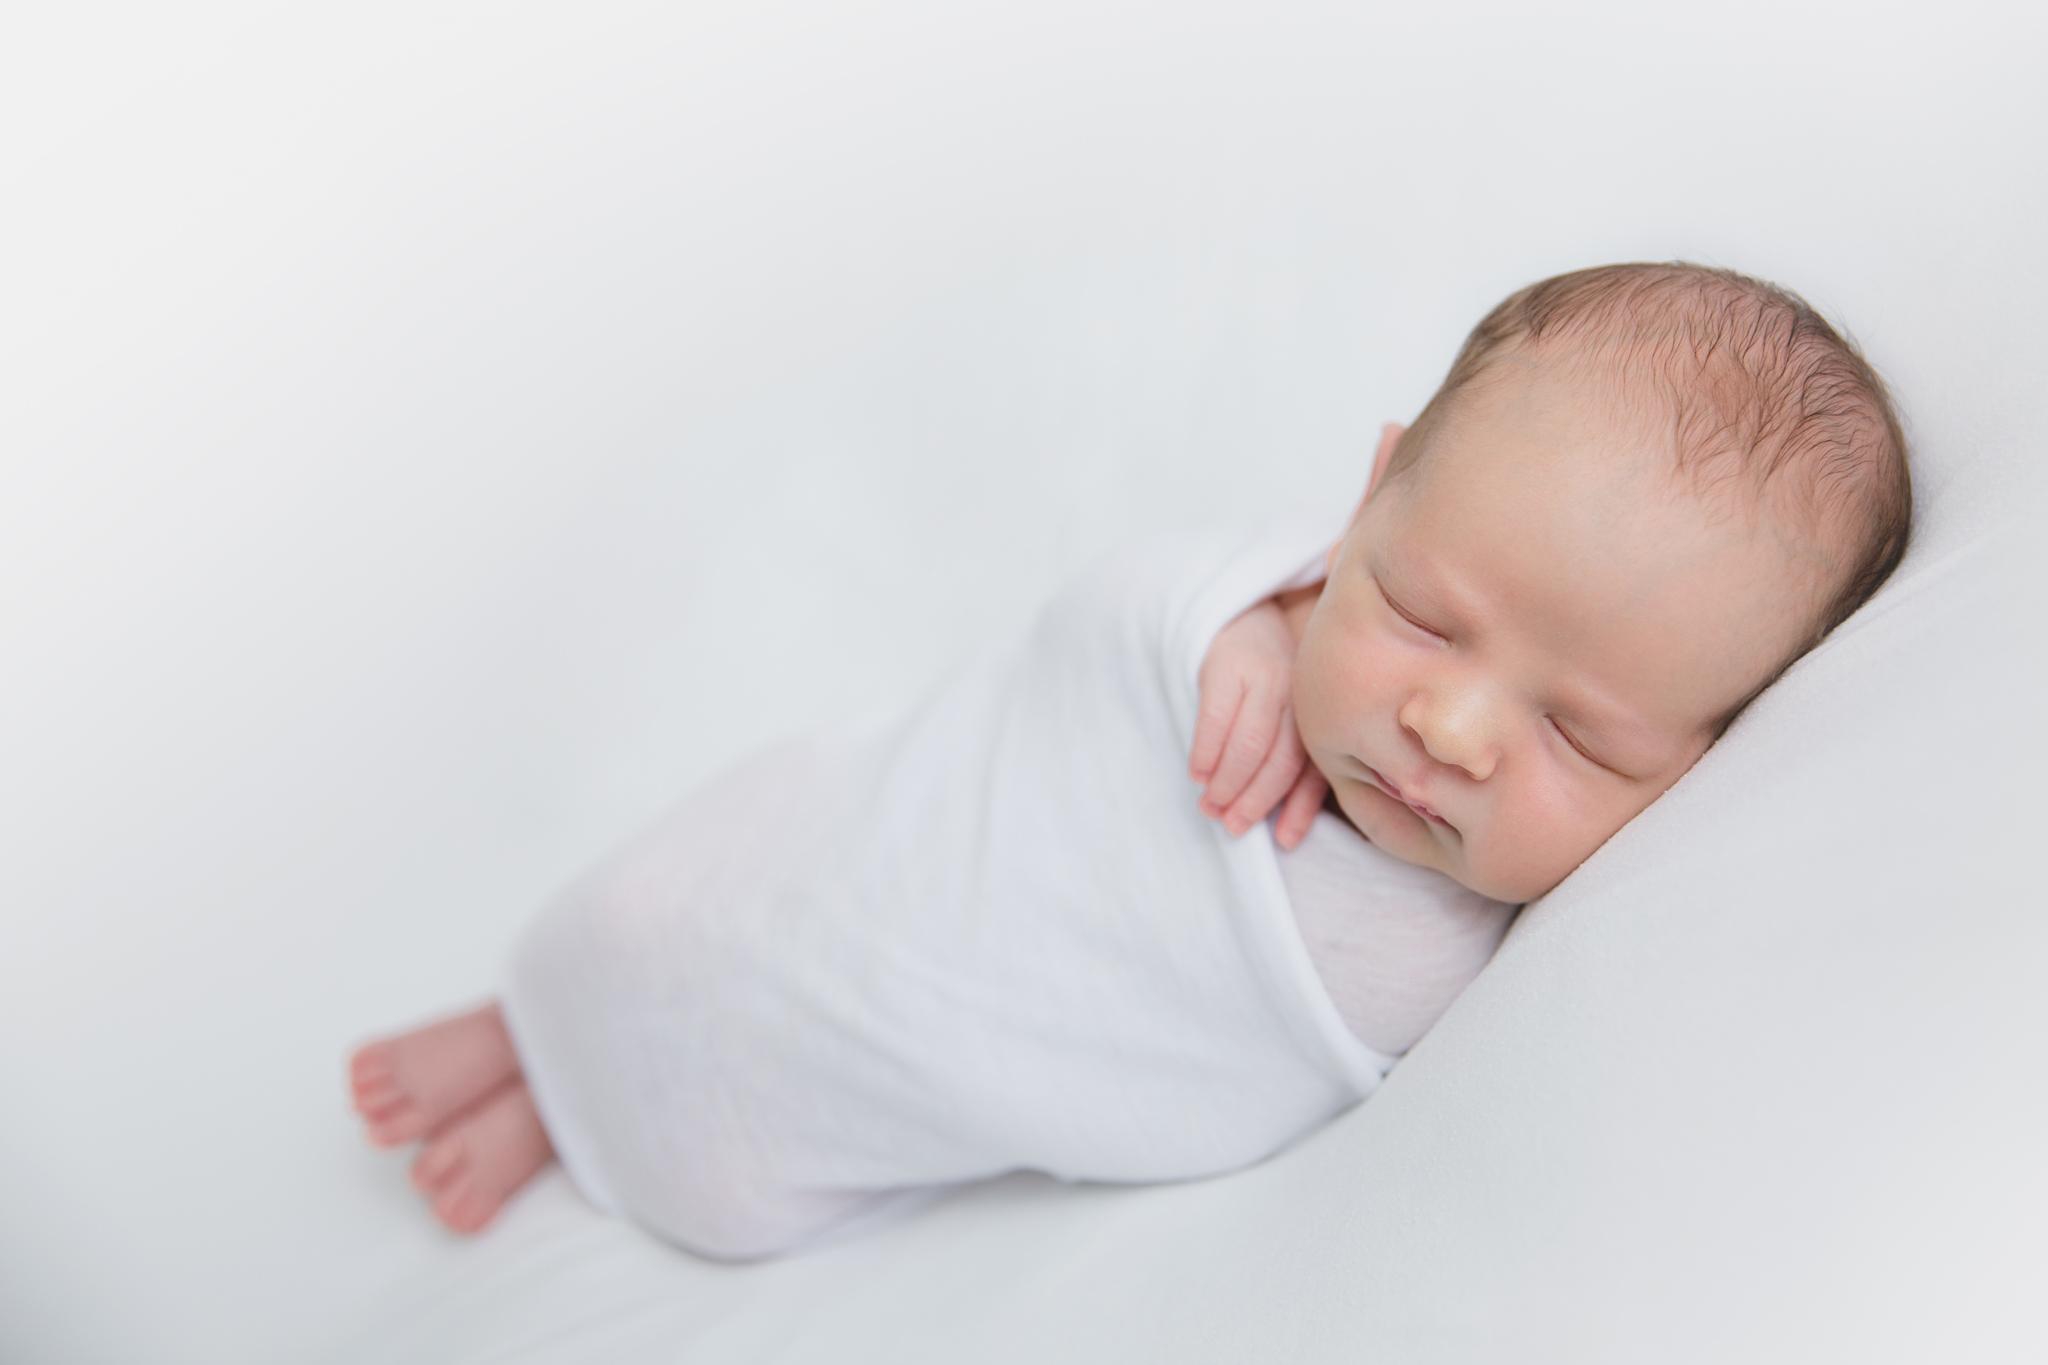 BabyNoah_0347.jpg